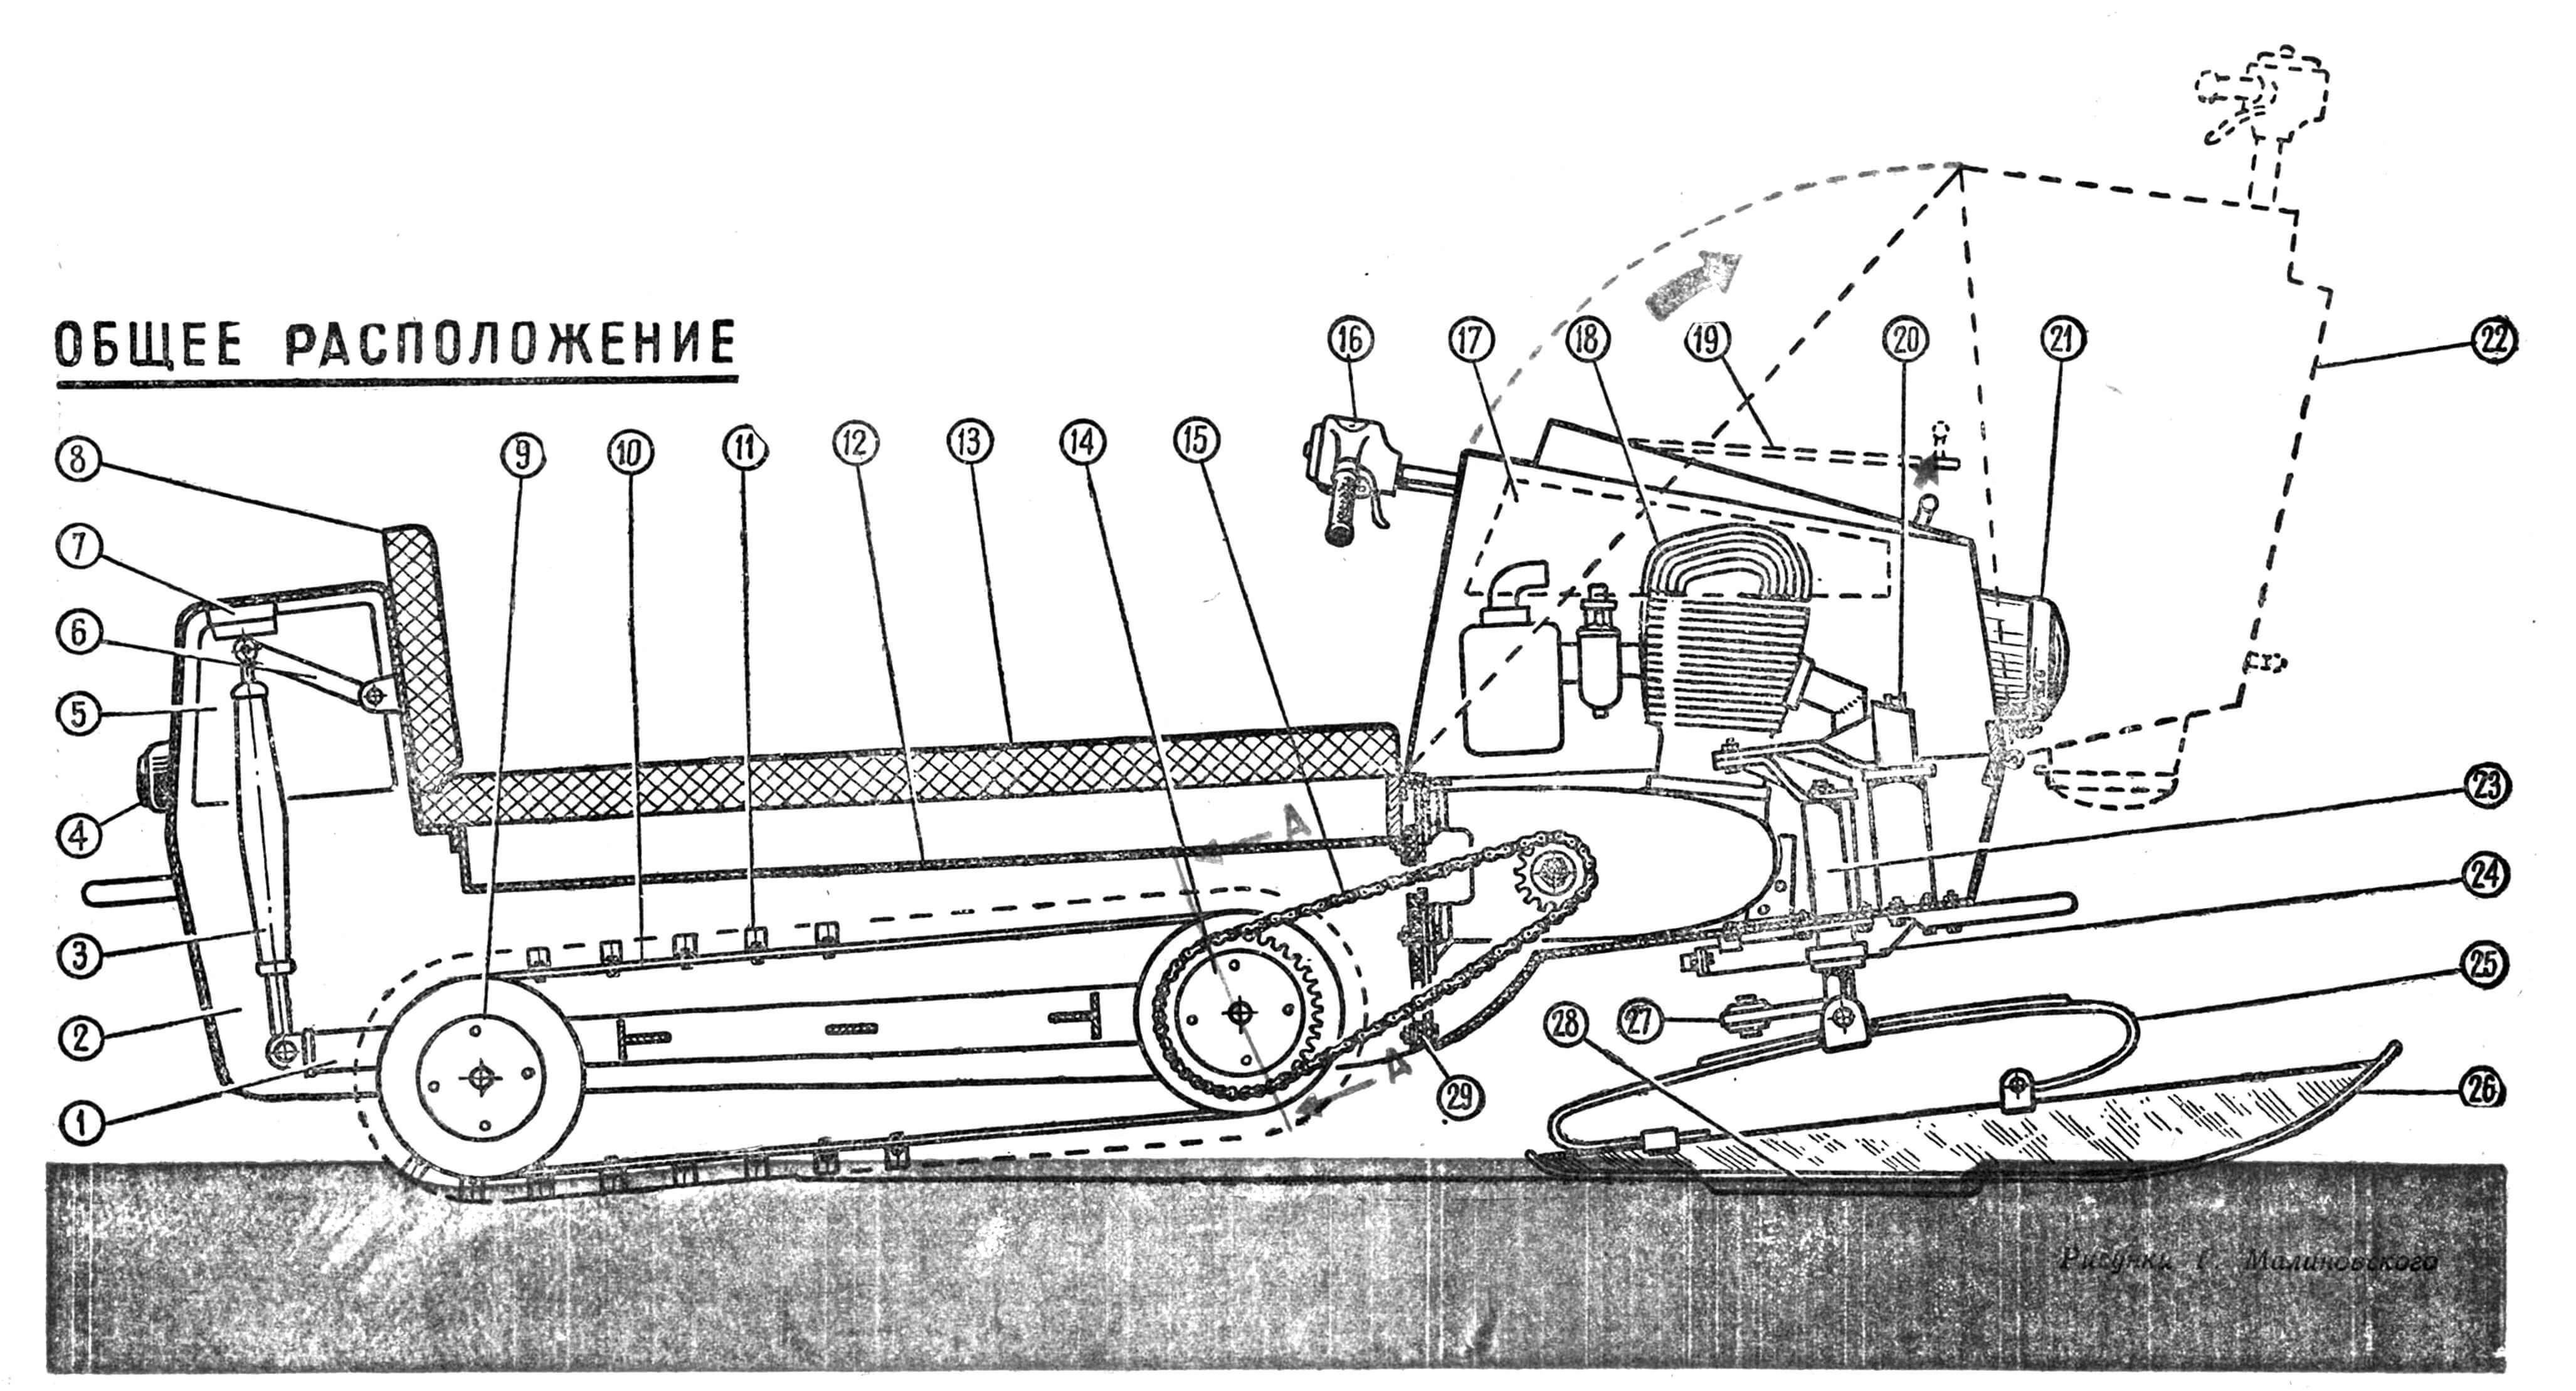 Общий вид и устройство откидывания капота снеговика: 1 — рама гусеницы; 2 — корпус; 3 — амортизатор; 4 — стоп-сигнал; 5 — дверца; б — рычаг маятника; 7 — резиновая подушка; 8 — спинка; 9 — задний барабан; 10 — гусеница; 11— снегозацеп; 12 — швеллер рамы; 13 — сиденье; 14 — передний барабан; 15 — мотоциклетная цепь; 16 — руль от мотороллера ВП-150; 17 — бензобак; 18 — двигатель ИЖ-ЛЗ; 19 — откидная крышка капота; 20 — глушитель; 21 — фара; 22 — капот в откинутом положении; 23 — стойка; 24 — глушитель; 25 — рессора; 26 — лыжа; 27 — рулевая тяга; 28 — подрез; 29 — снегоотбойник.